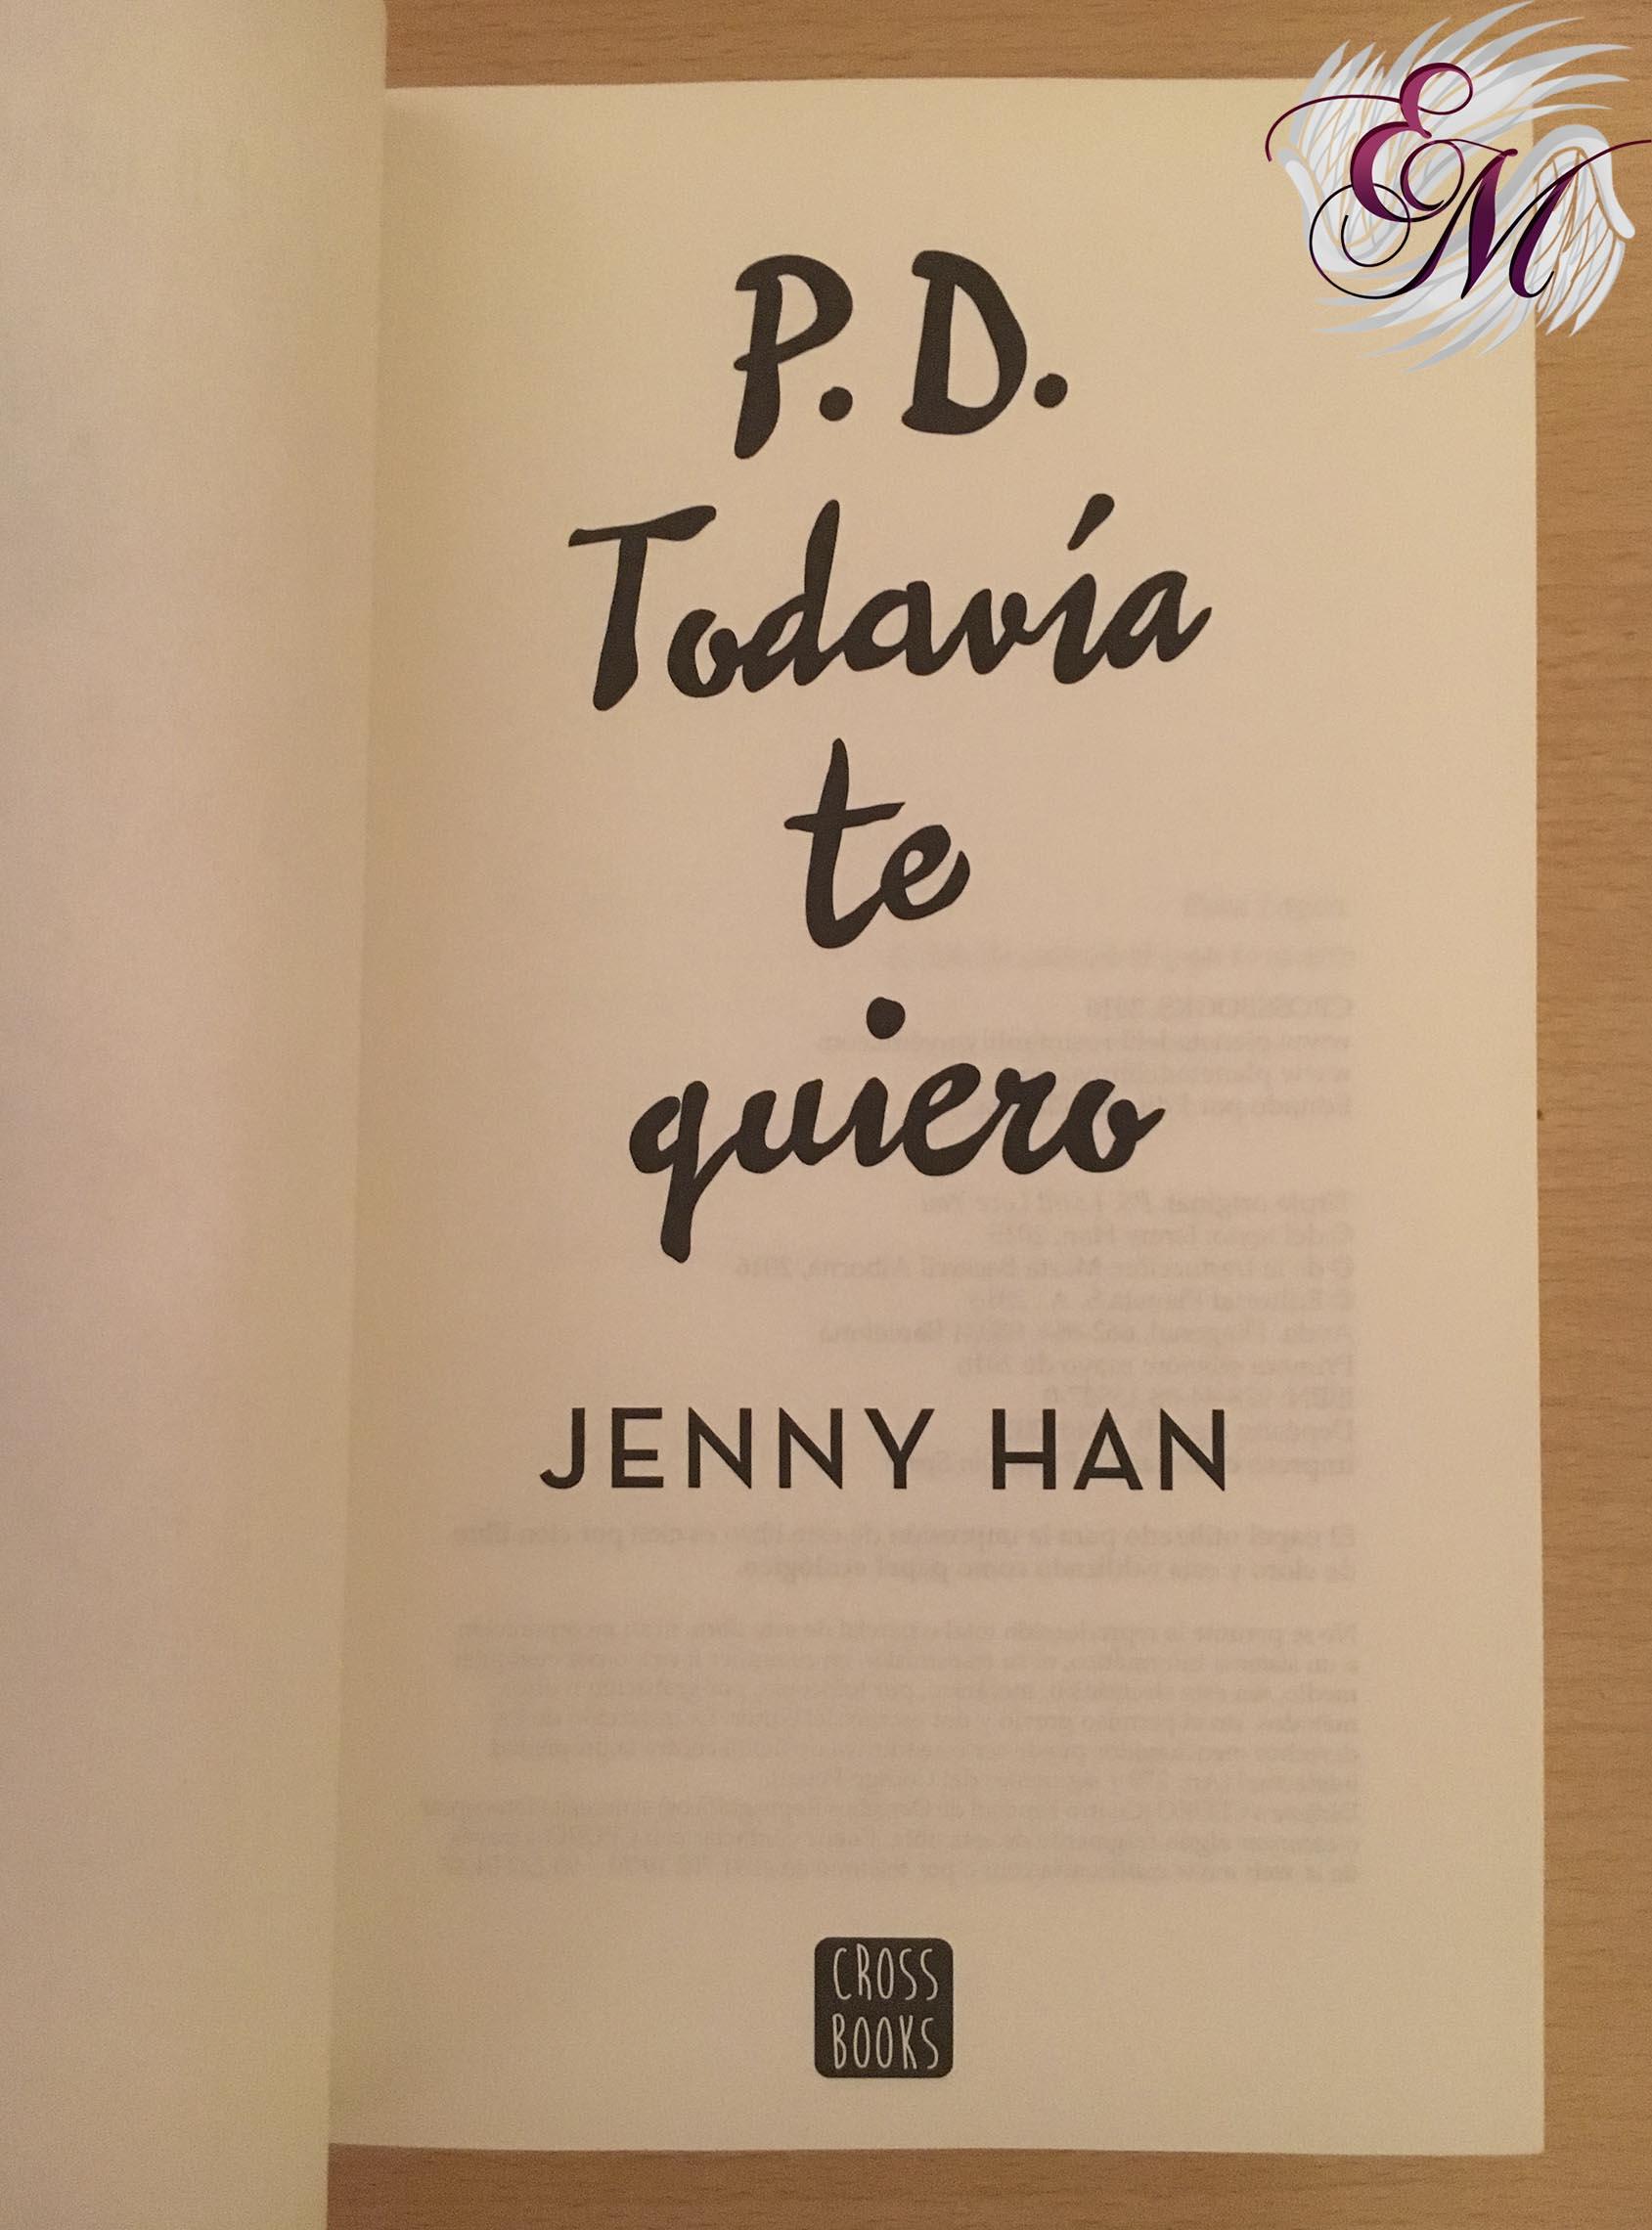 P.D. Todavía te quiero, de Jenny Han - Reseña